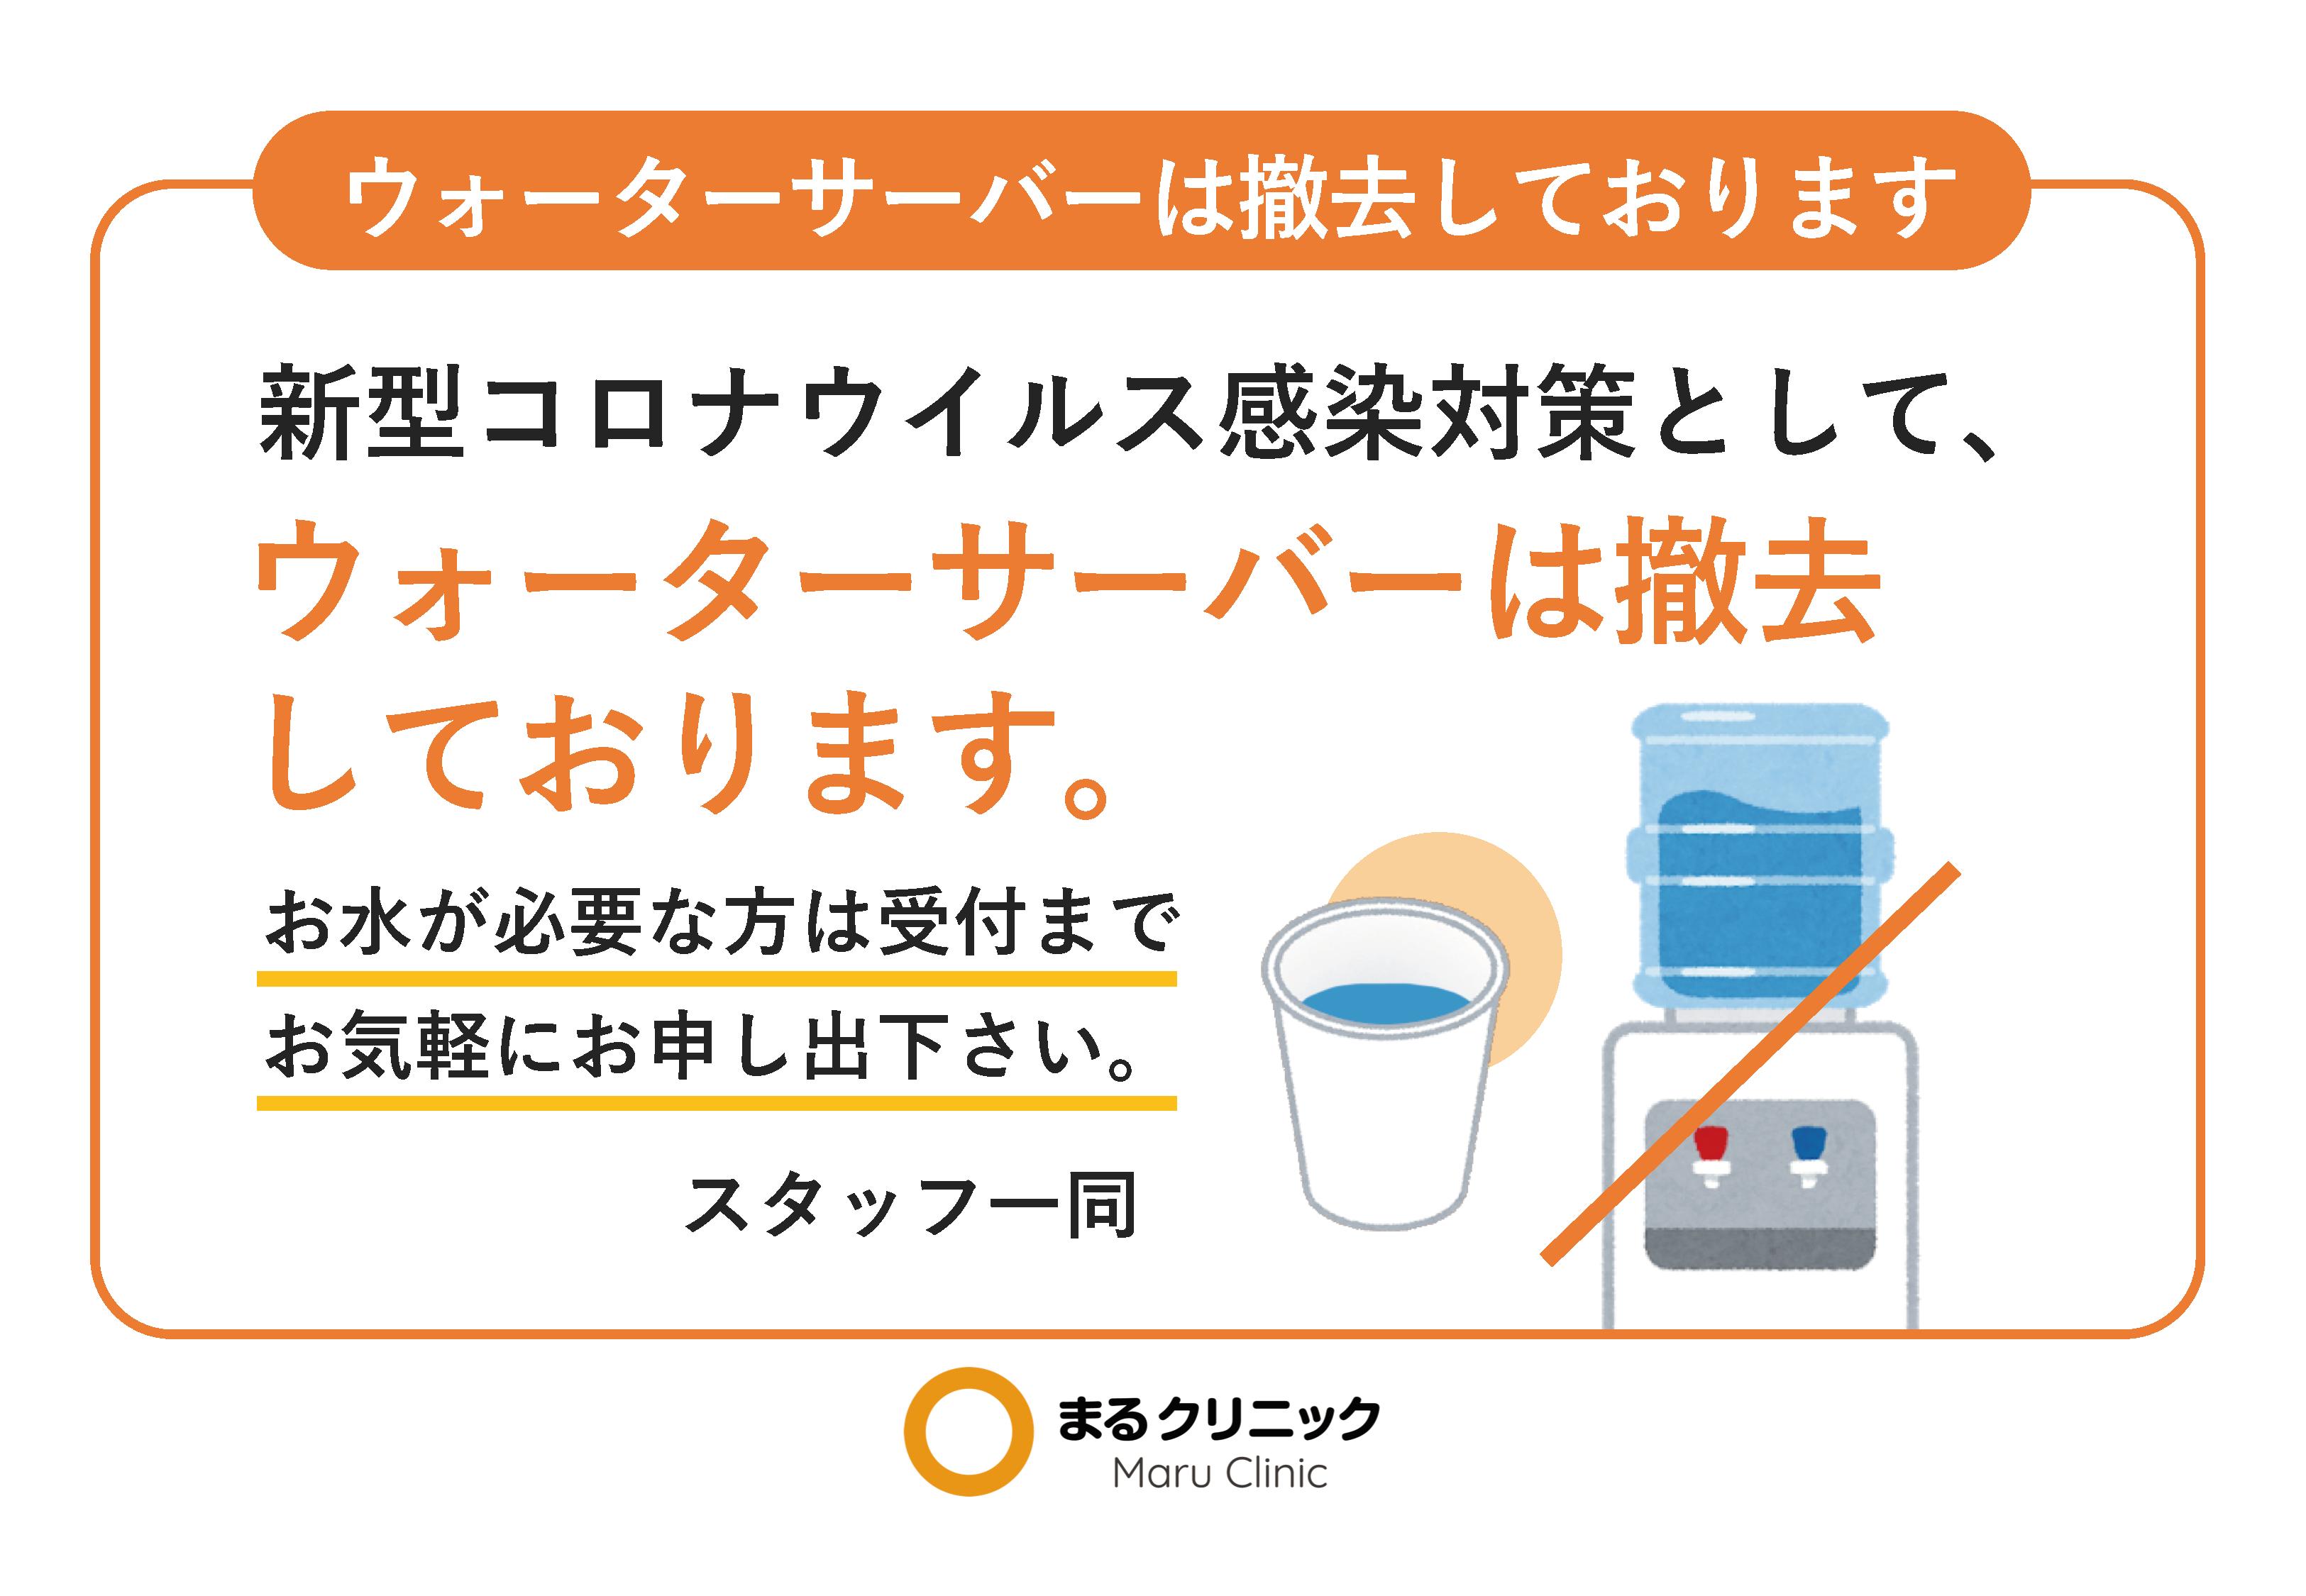 ウォーターサーバー撤去 【新型コロナウイルス対策ツール】